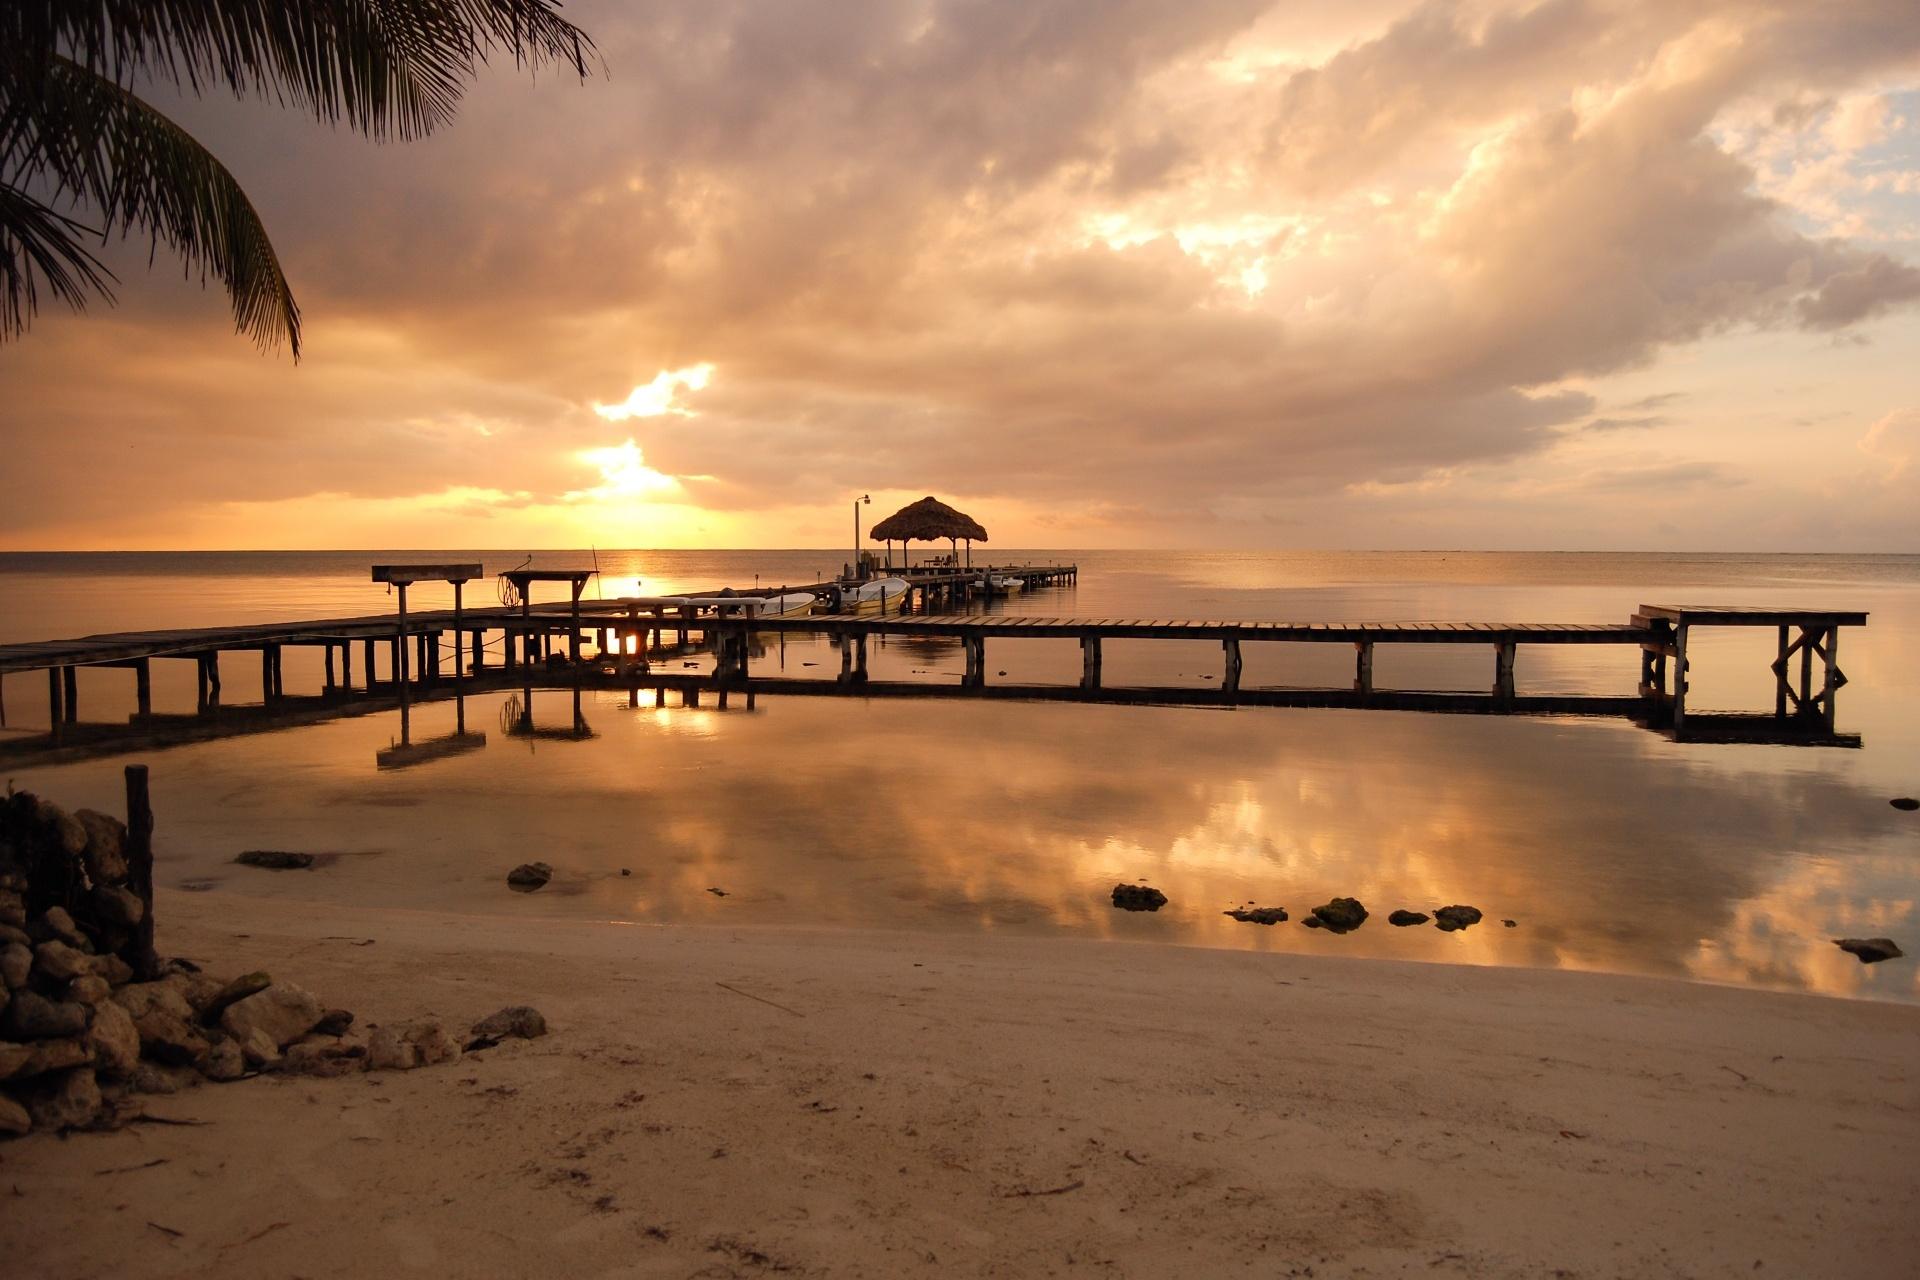 海岸の日の出の風景 ベリーズの風景